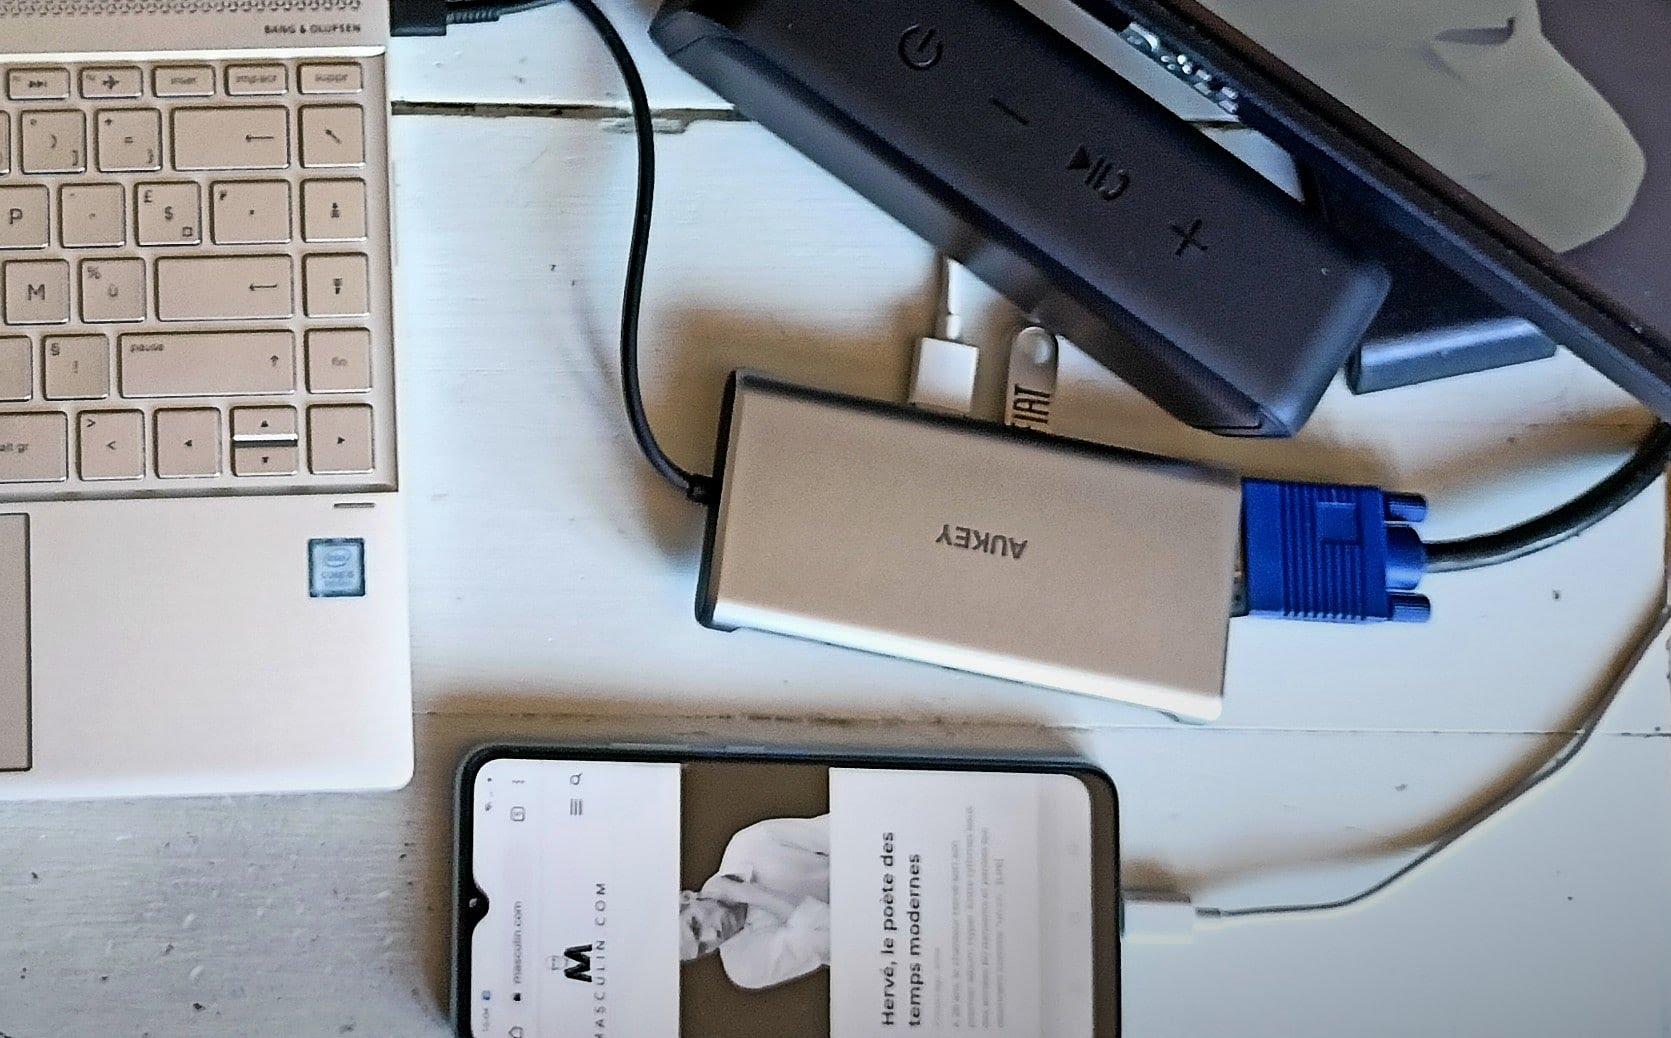 Accessoires pour le télétravail - Hub USB Aukey